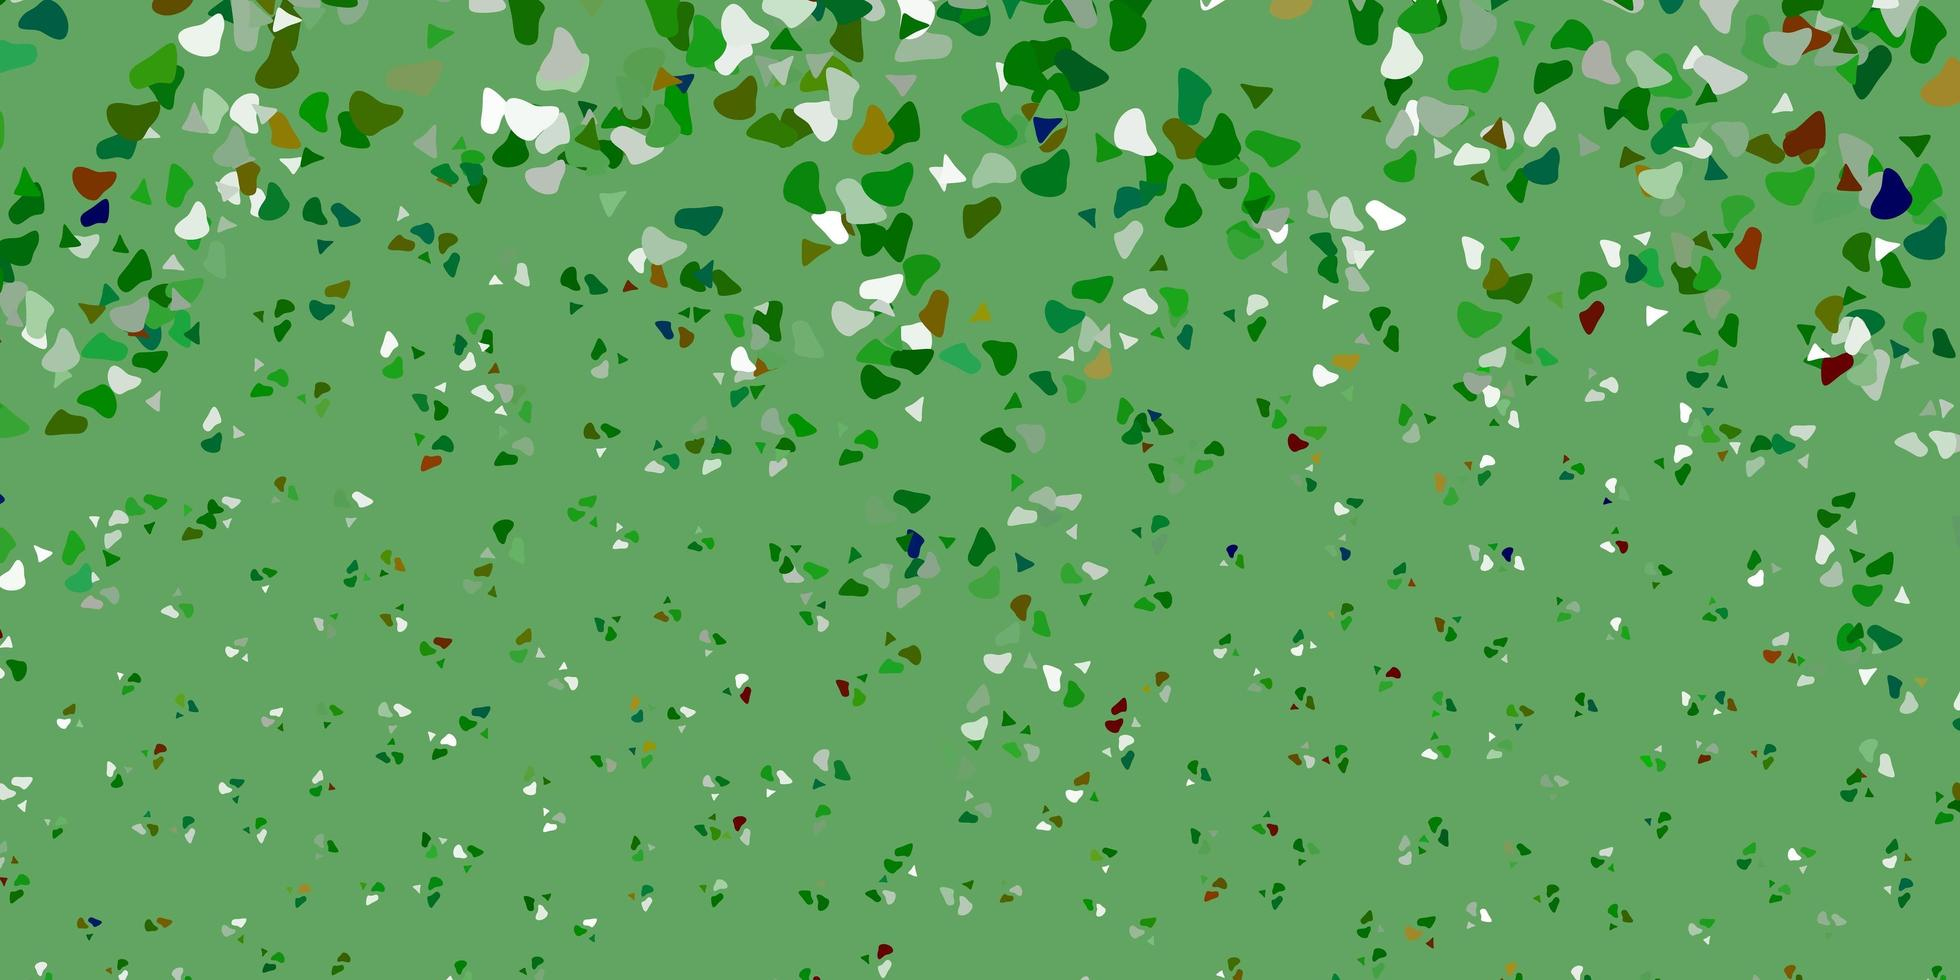 textura de vetor verde claro e vermelho com formas de memphis.